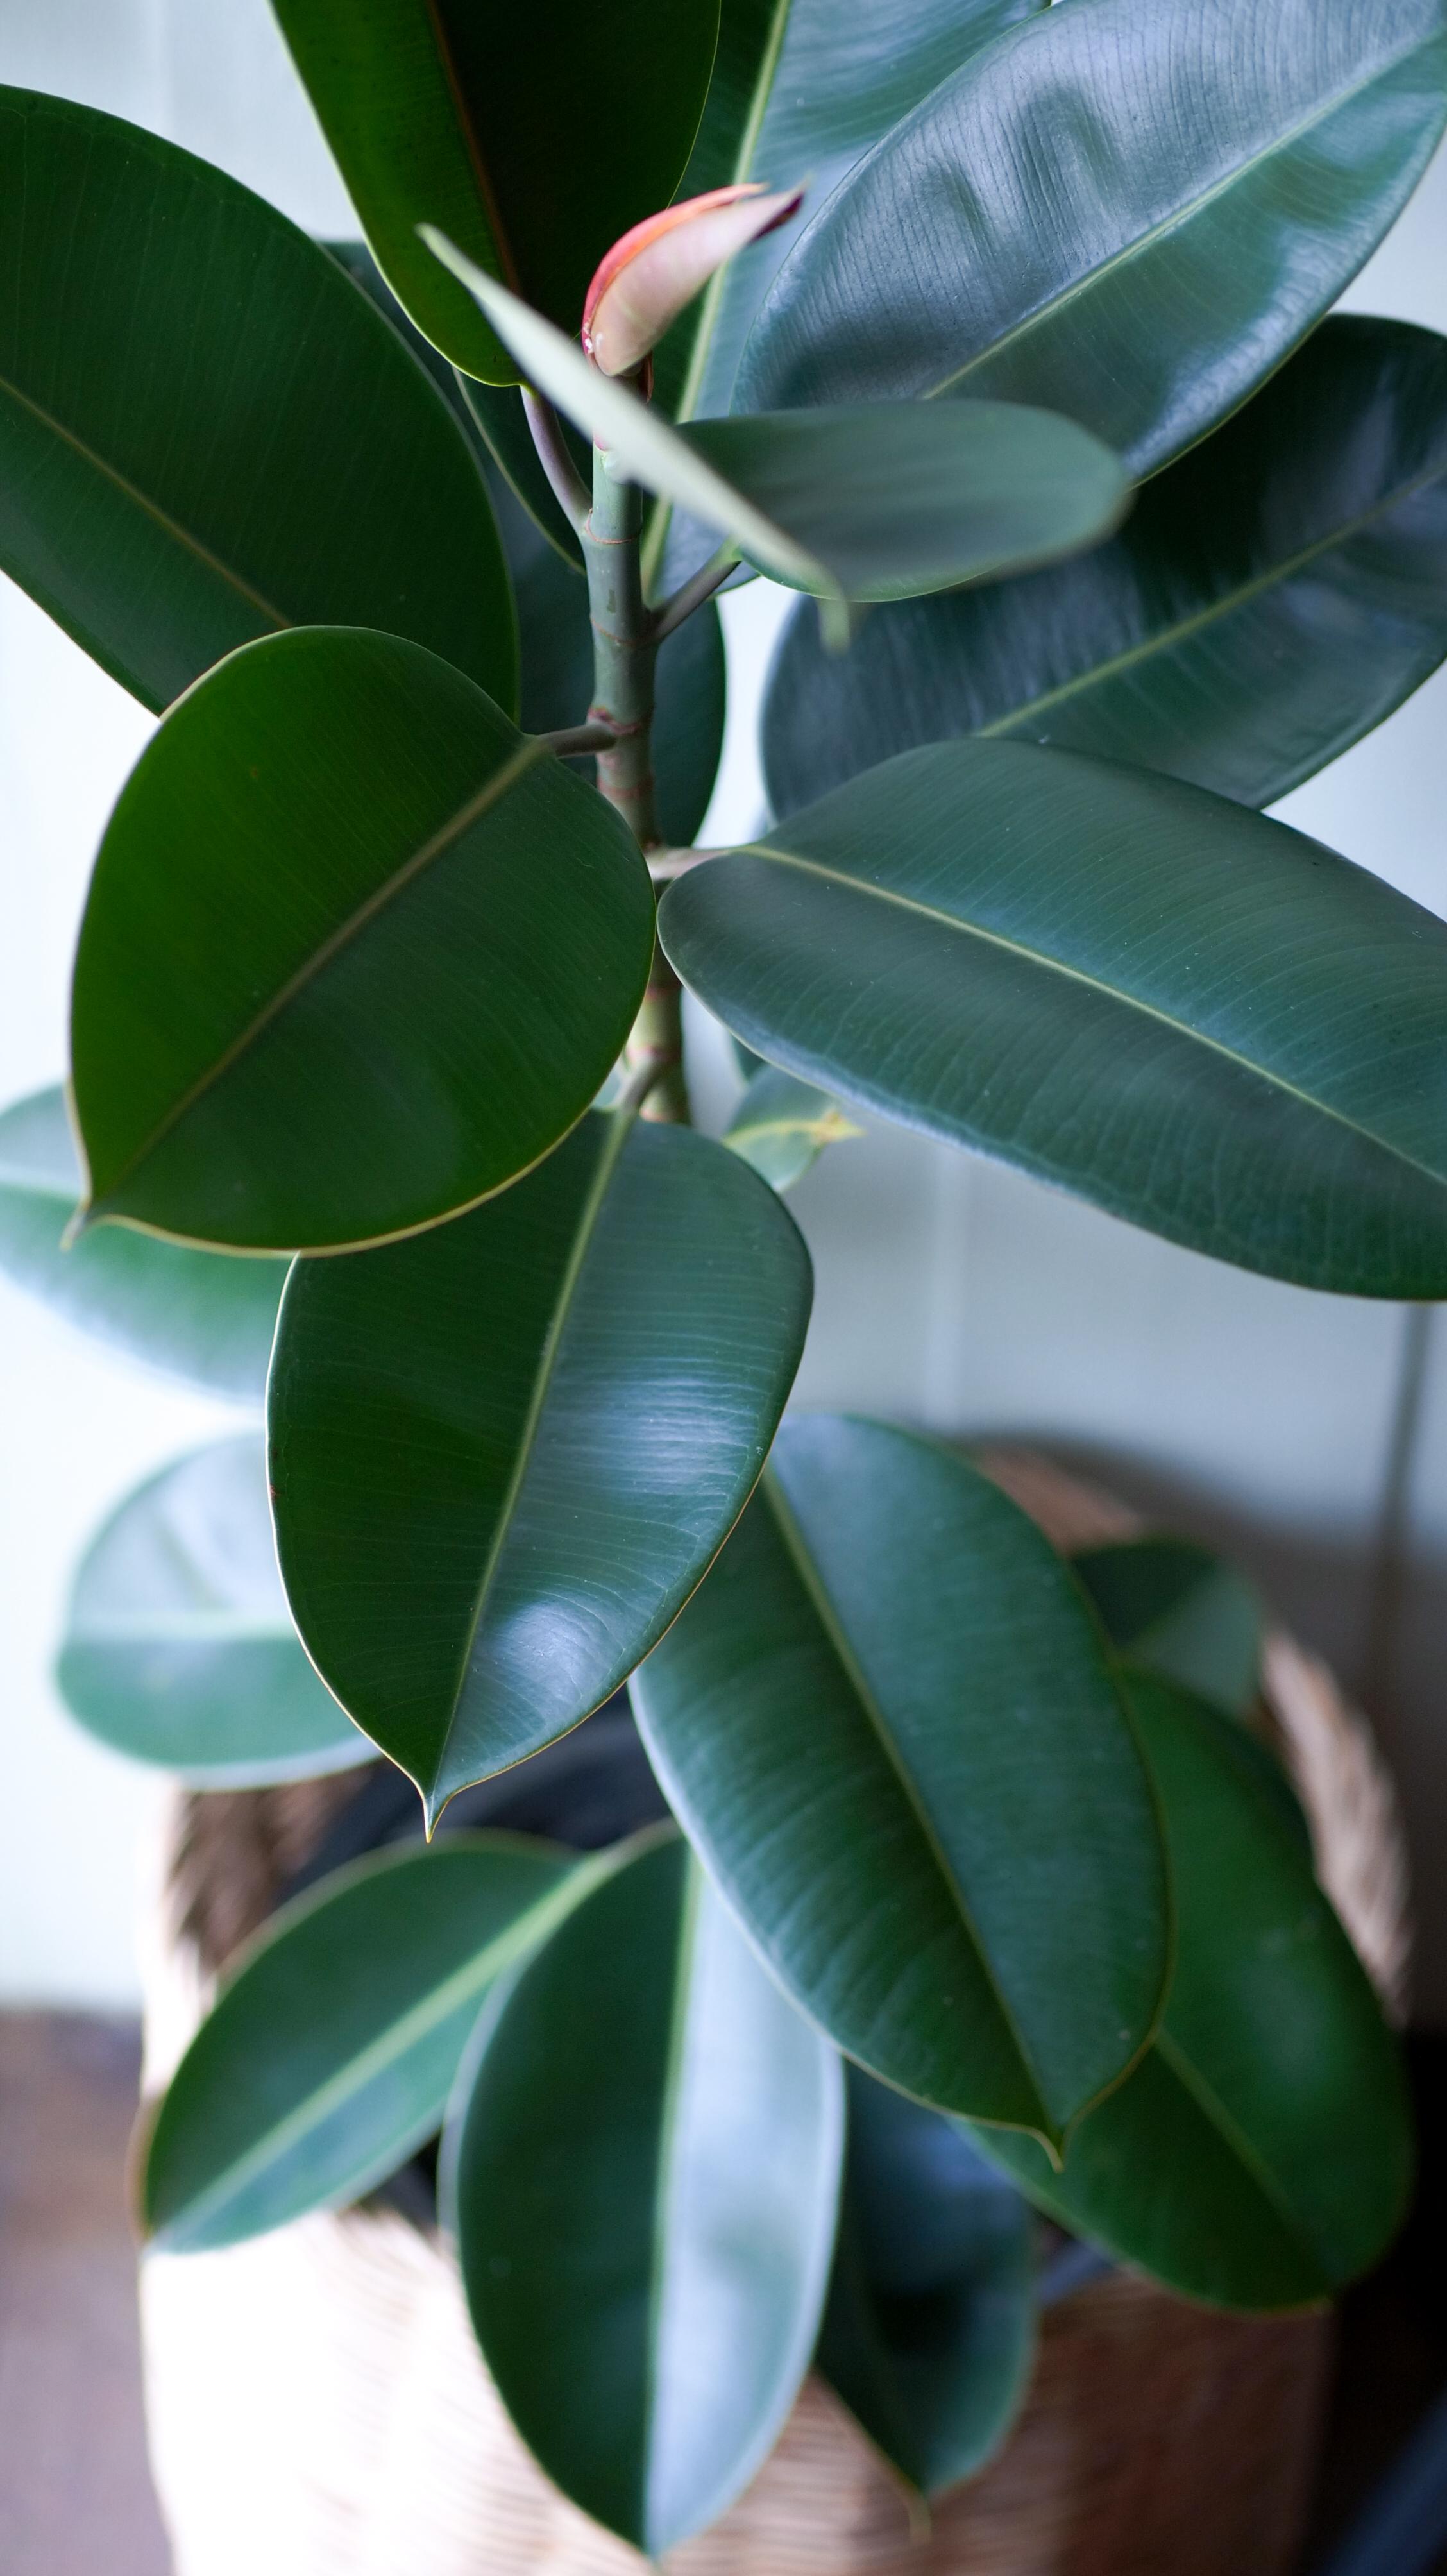 Milyen növényt látsz a képen?